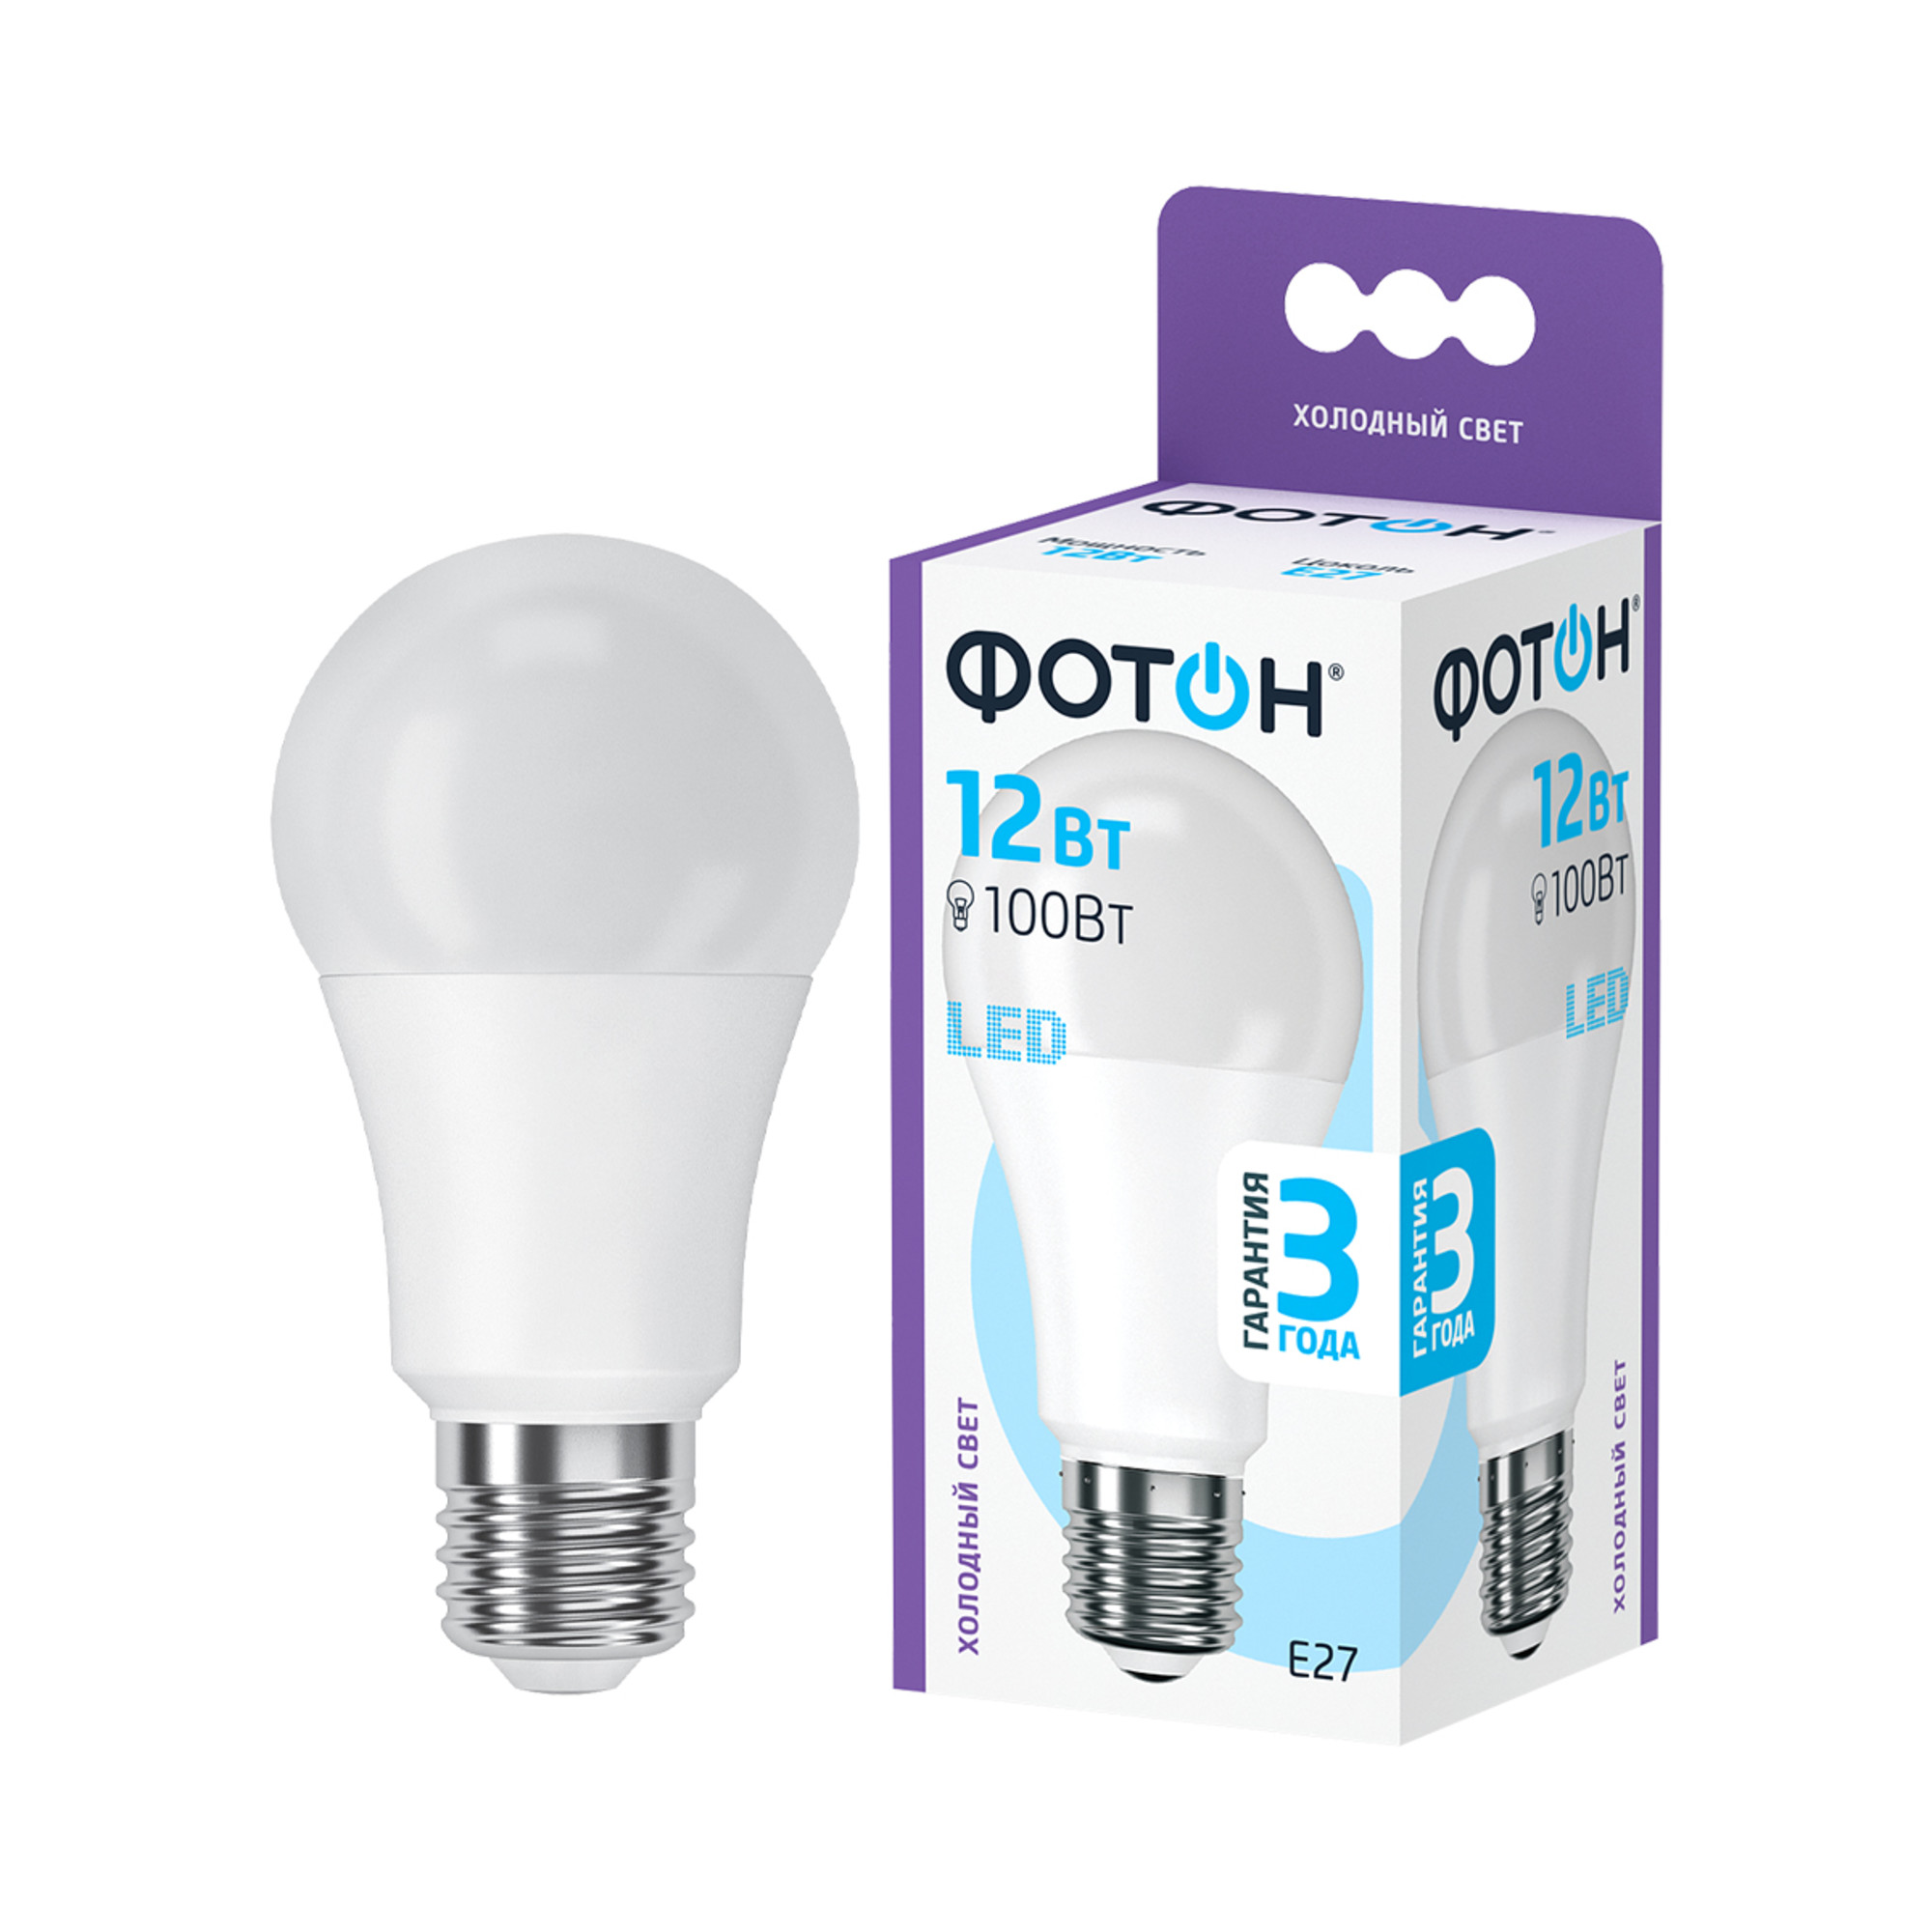 Светодиодная лампочка Фотон 23393 E27 1050 Лм 12 Вт